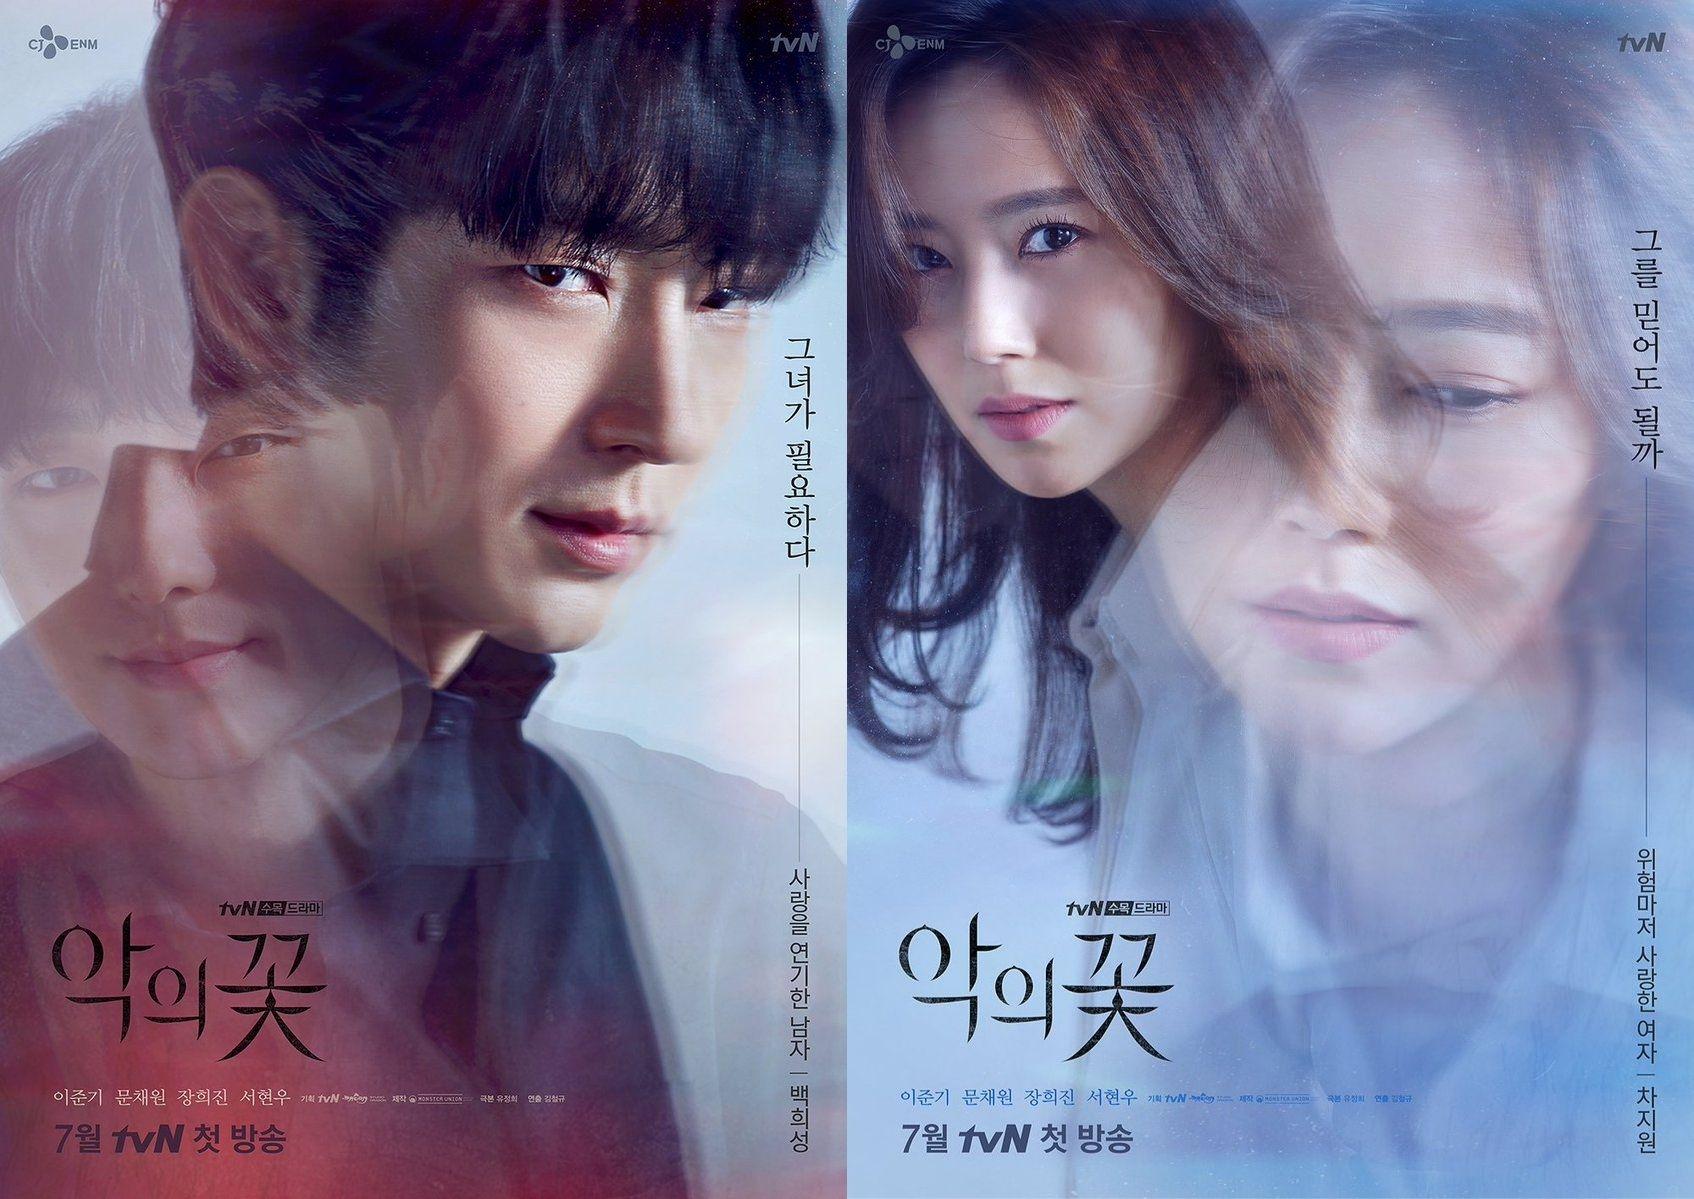 Lee Joon Gi & Moon Chae Won Hoa Của Quỷ